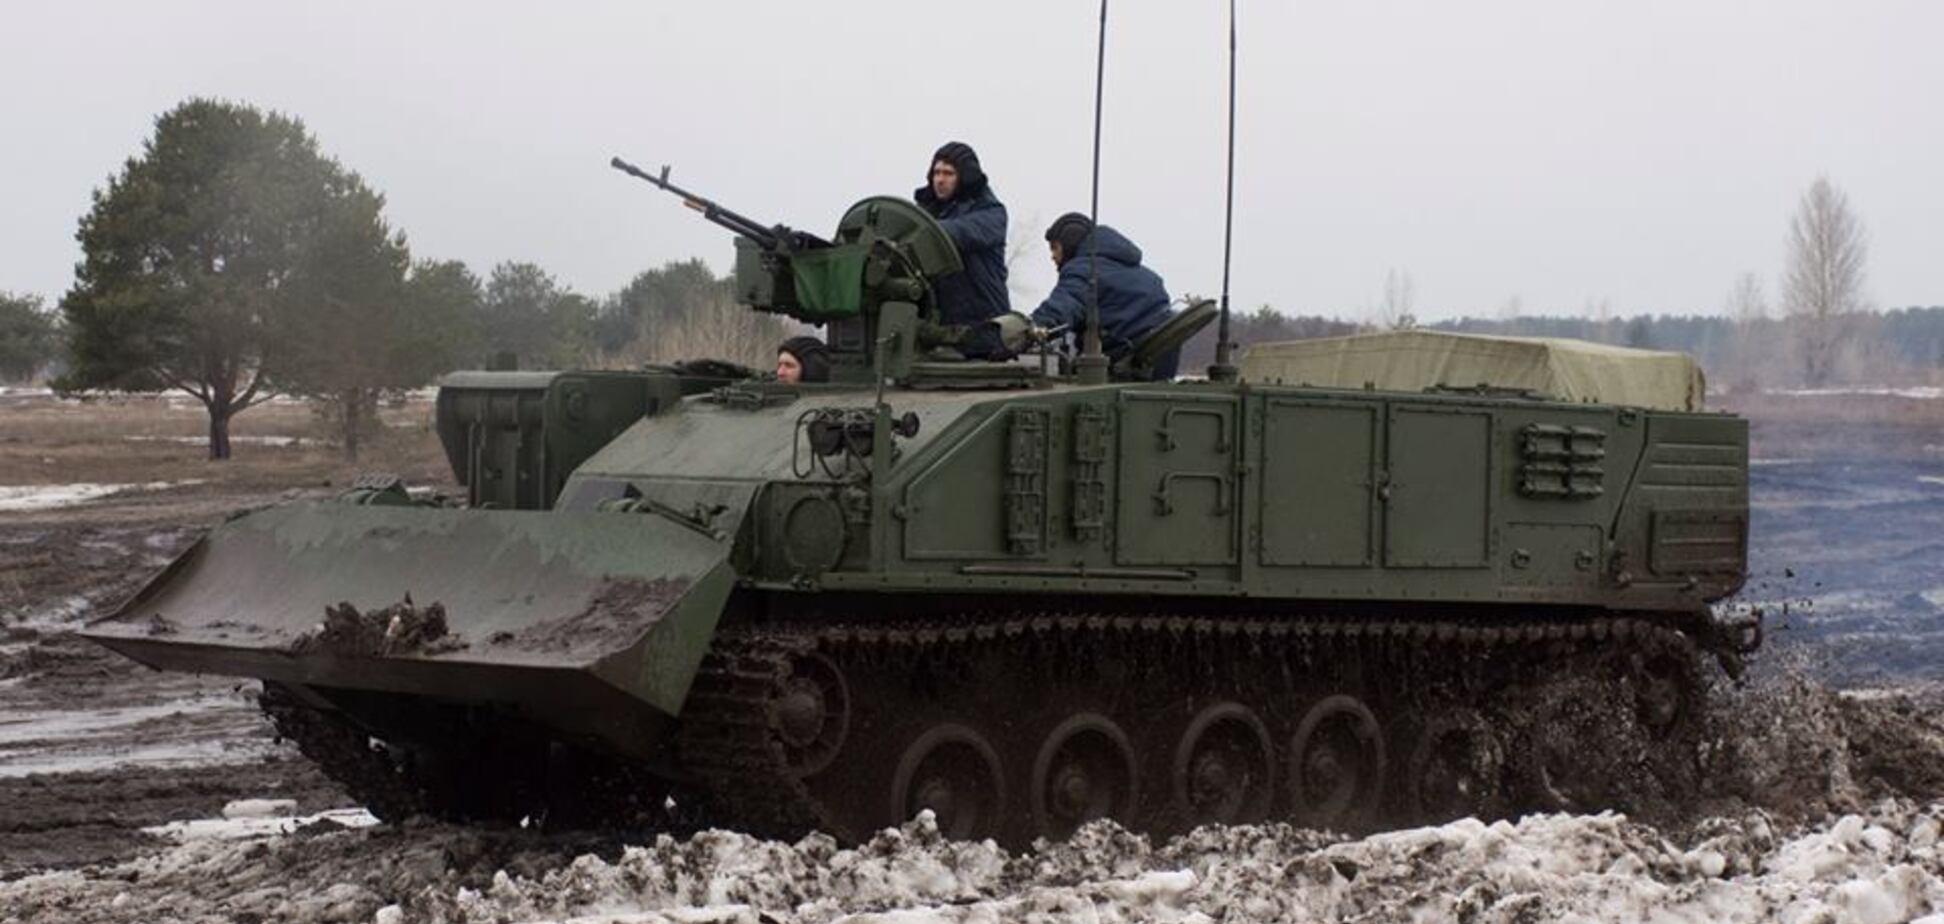 Украинская оборонка показала убийственную новинку: впечатляющее видео